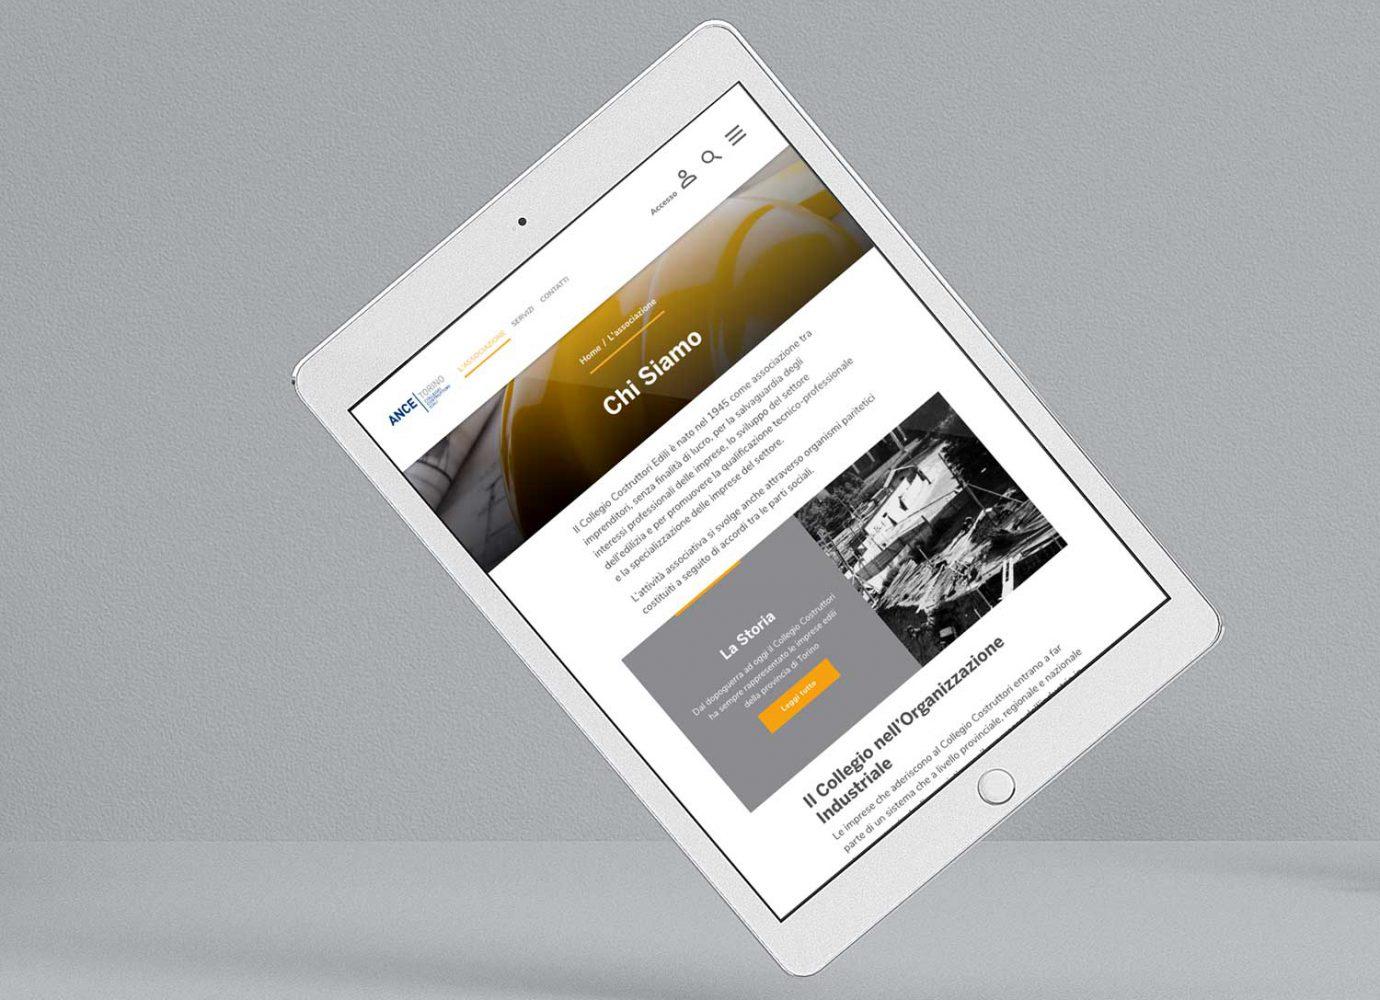 sviluppo sito drupal versione tablet